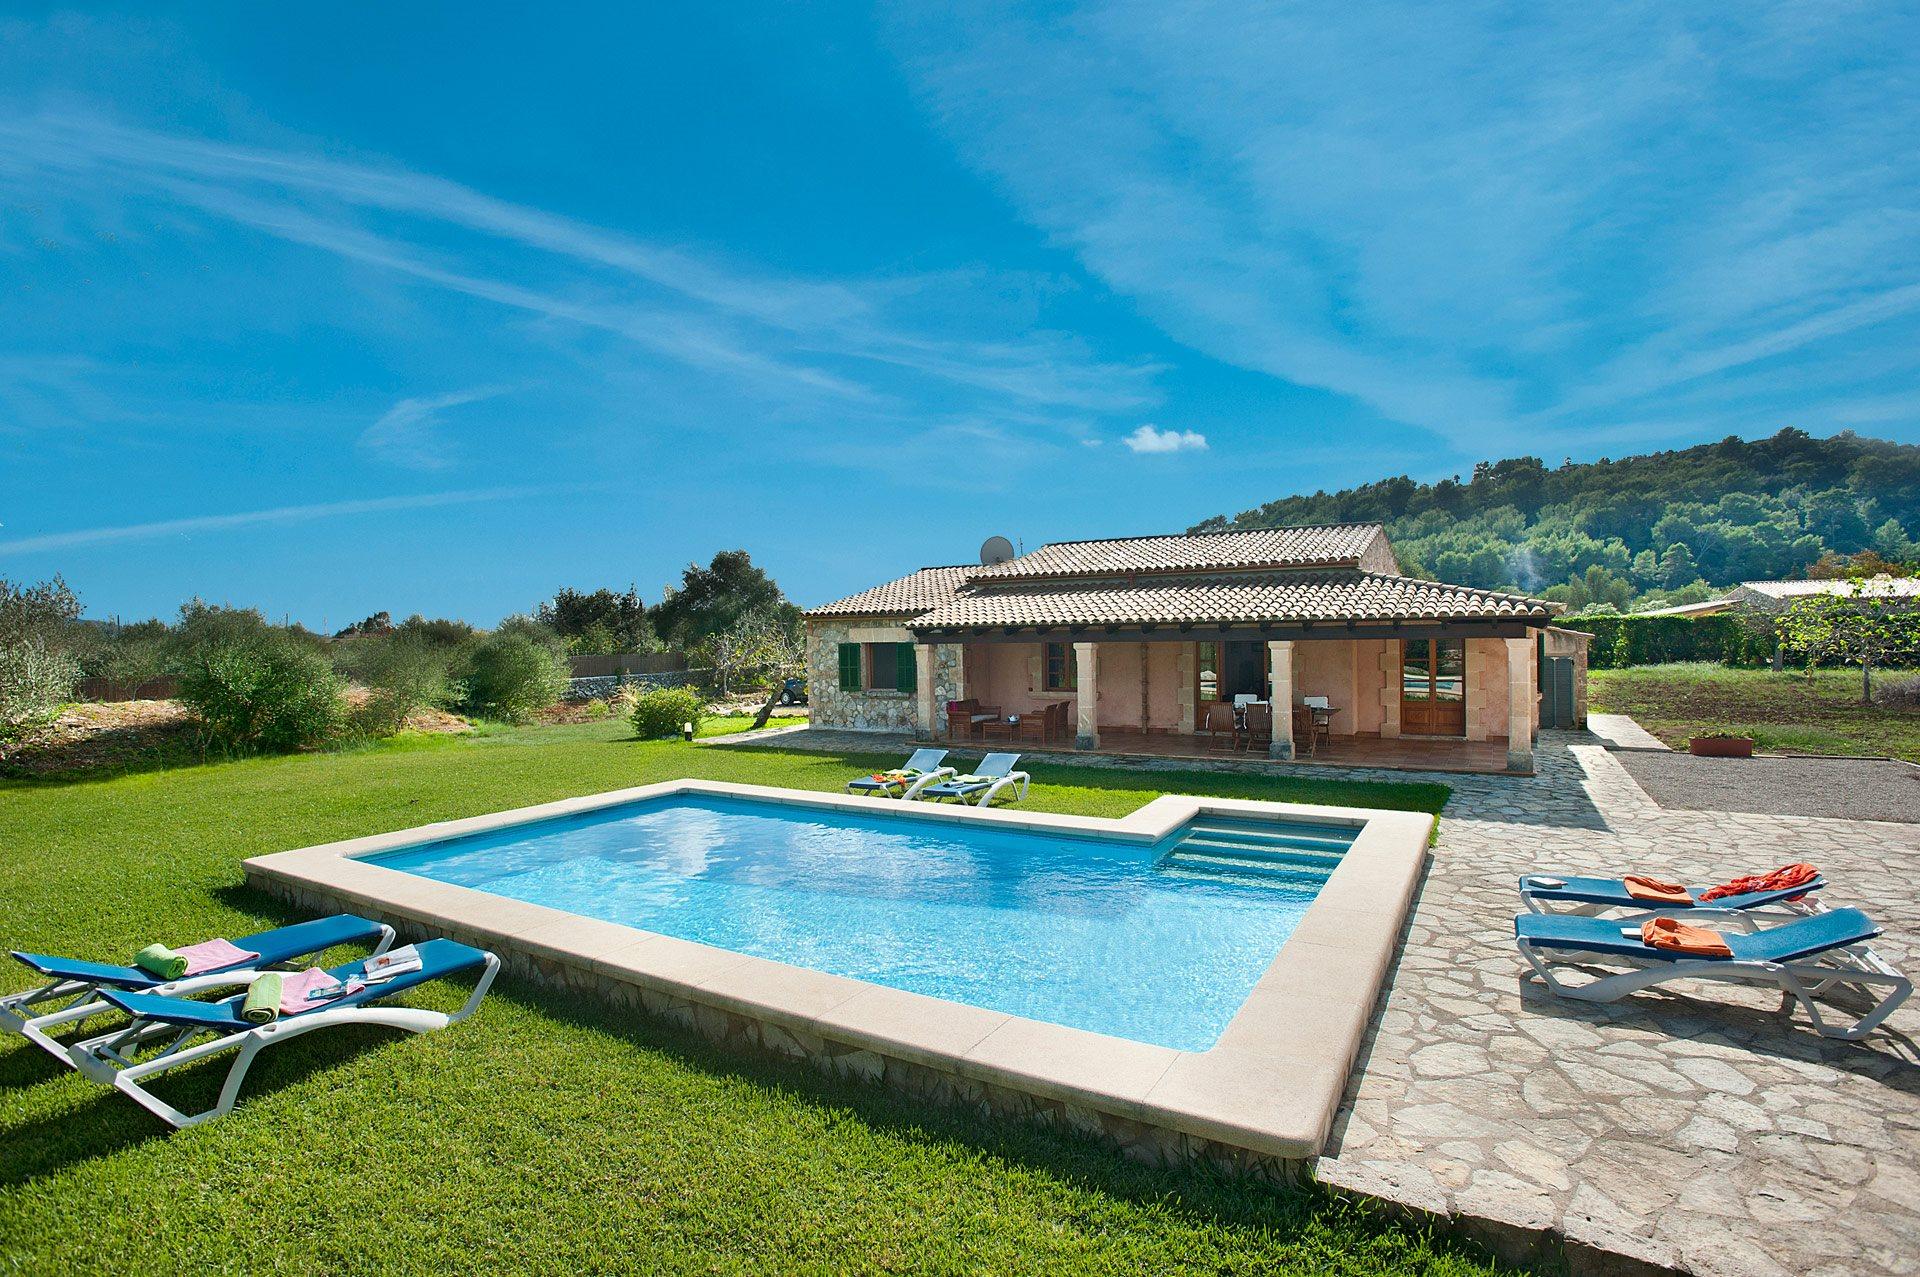 Villa Figueres, Pollensa, Majorca, Spain